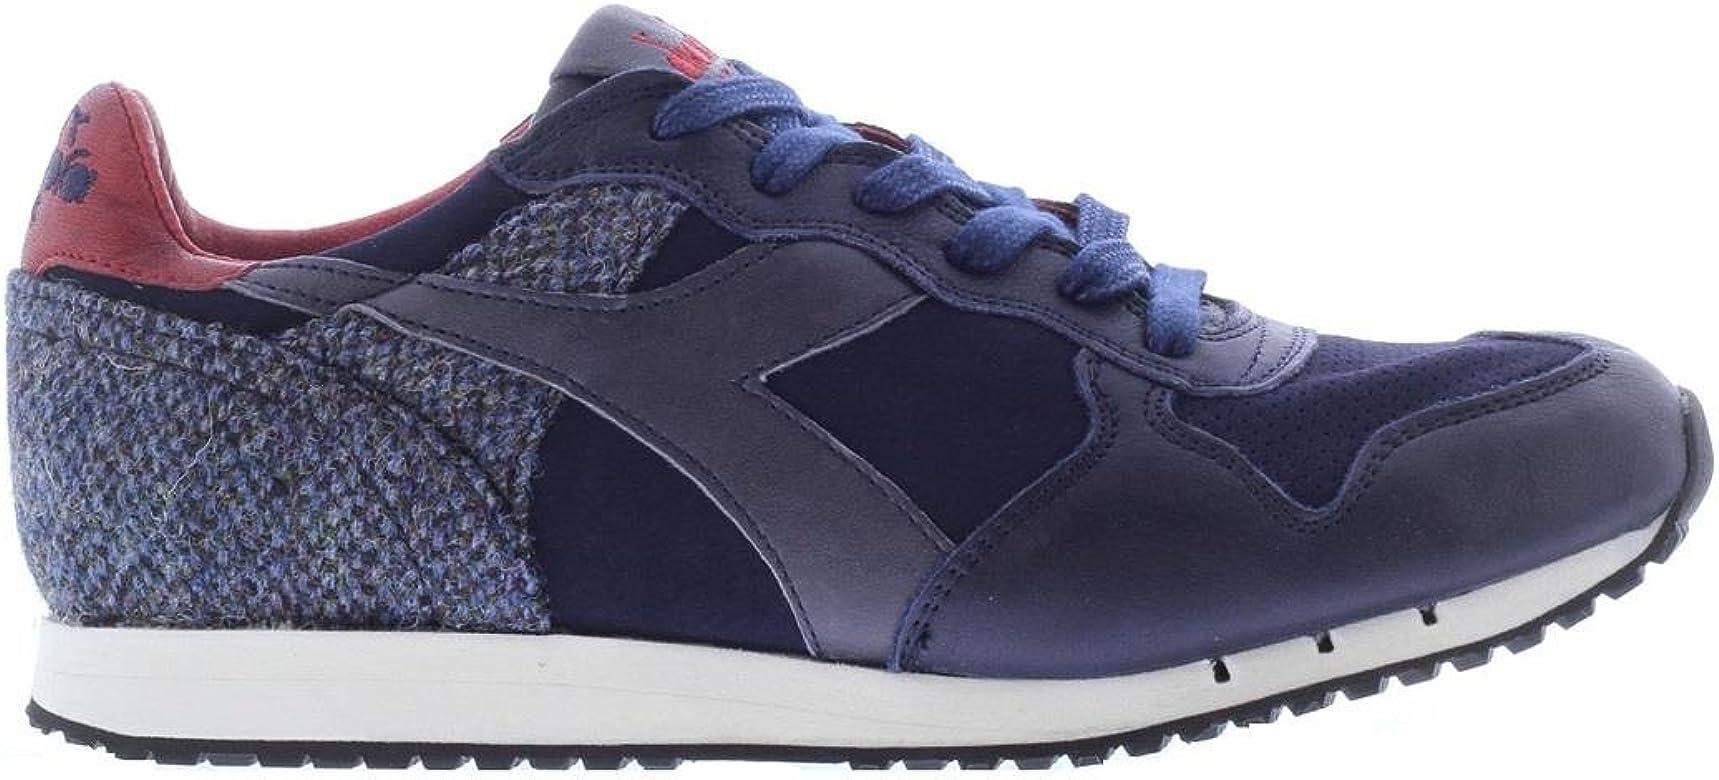 Scarpa Diadora uomo Trident Tweed Pack 172536 Blue Corsair 60063 Pelle fw 17/18 7½: Amazon.es: Zapatos y complementos